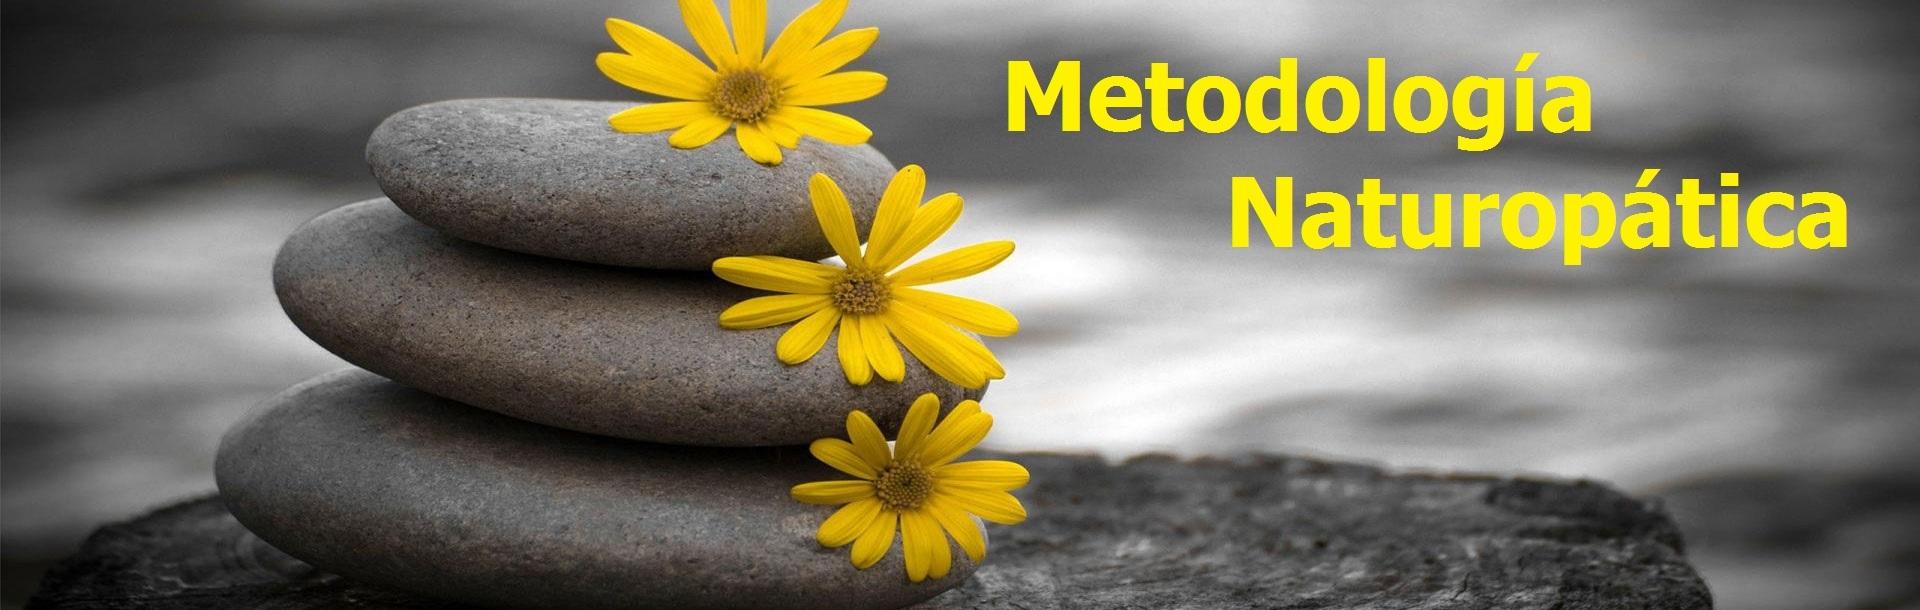 solo-metodologia